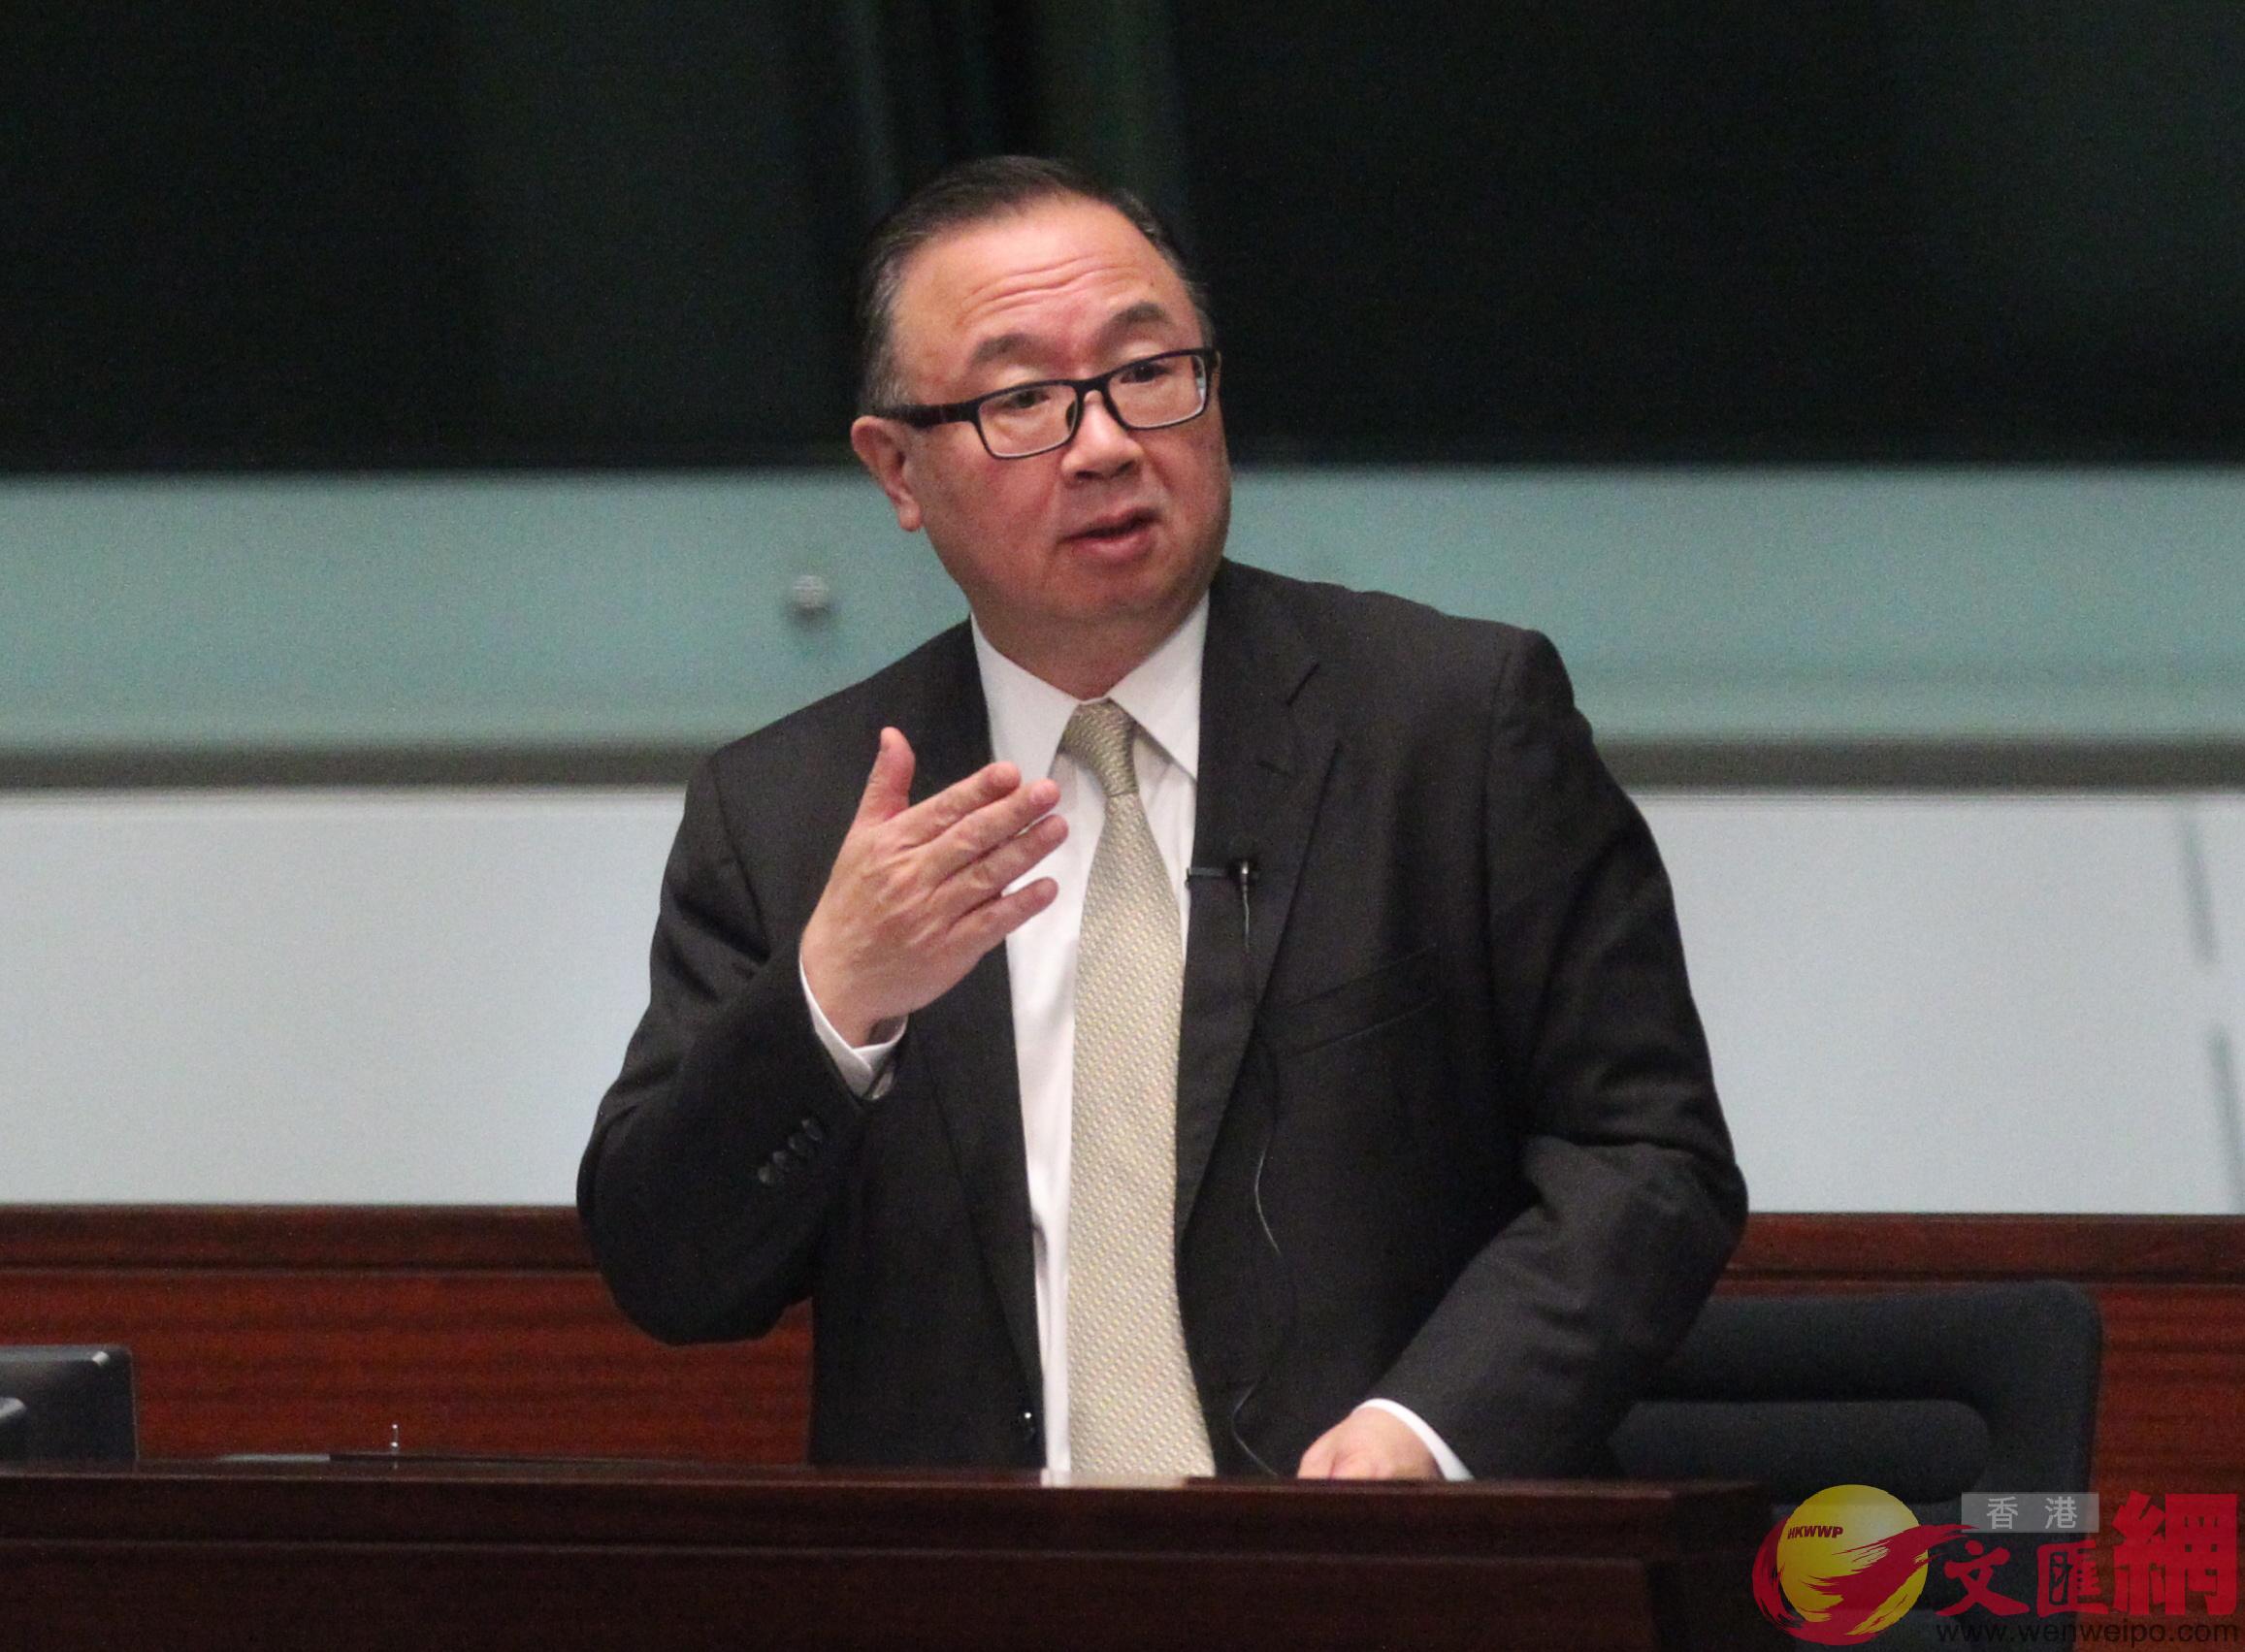 香港立法會建制派召集人廖長江(文匯報資料圖片)